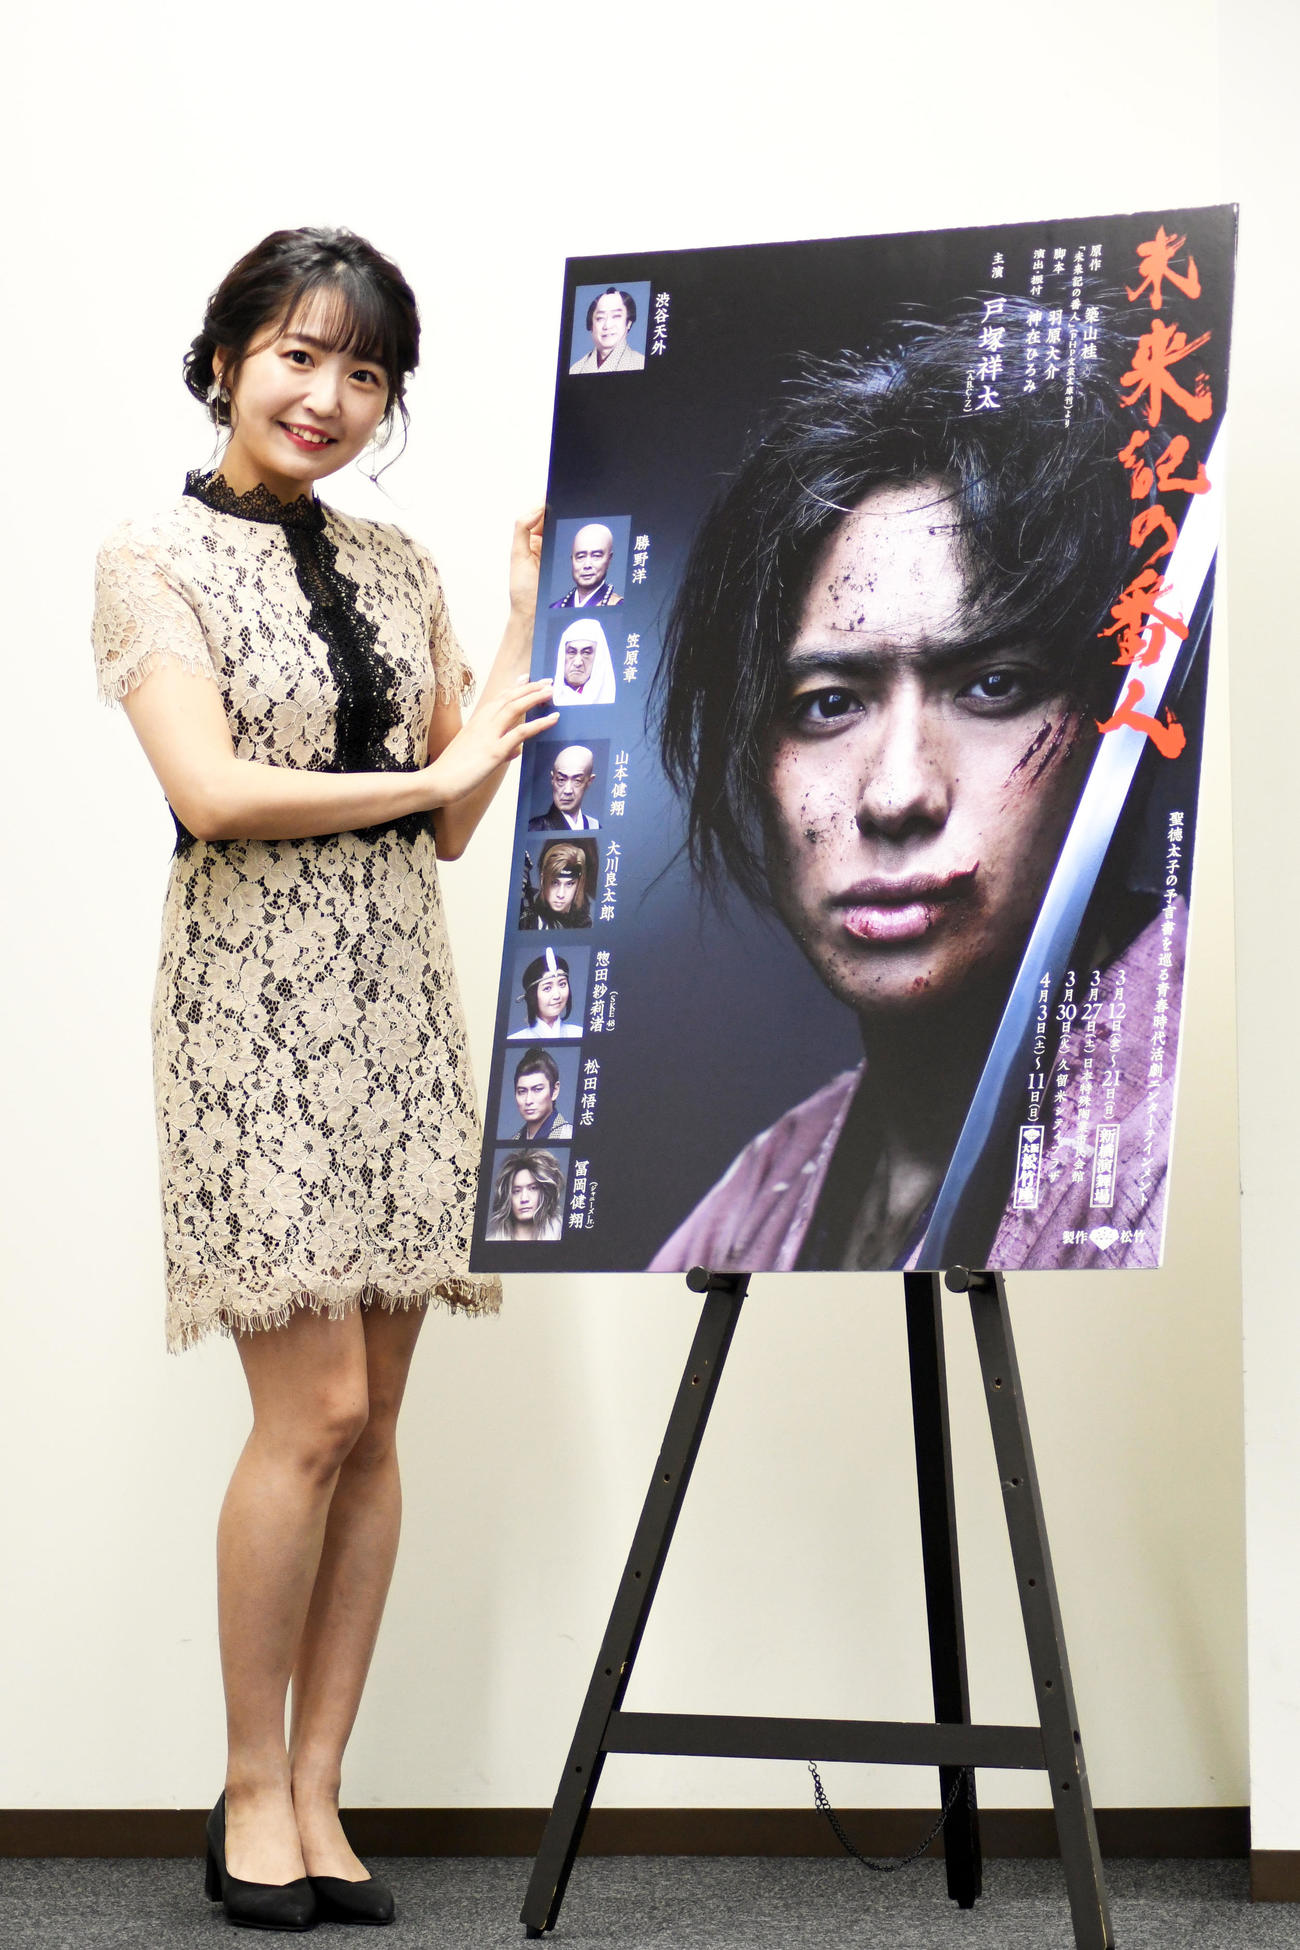 舞台「未来記の番人」の出演に向けて意気込みを語ったSKE48惣田紗莉渚(2021年2月25日撮影)